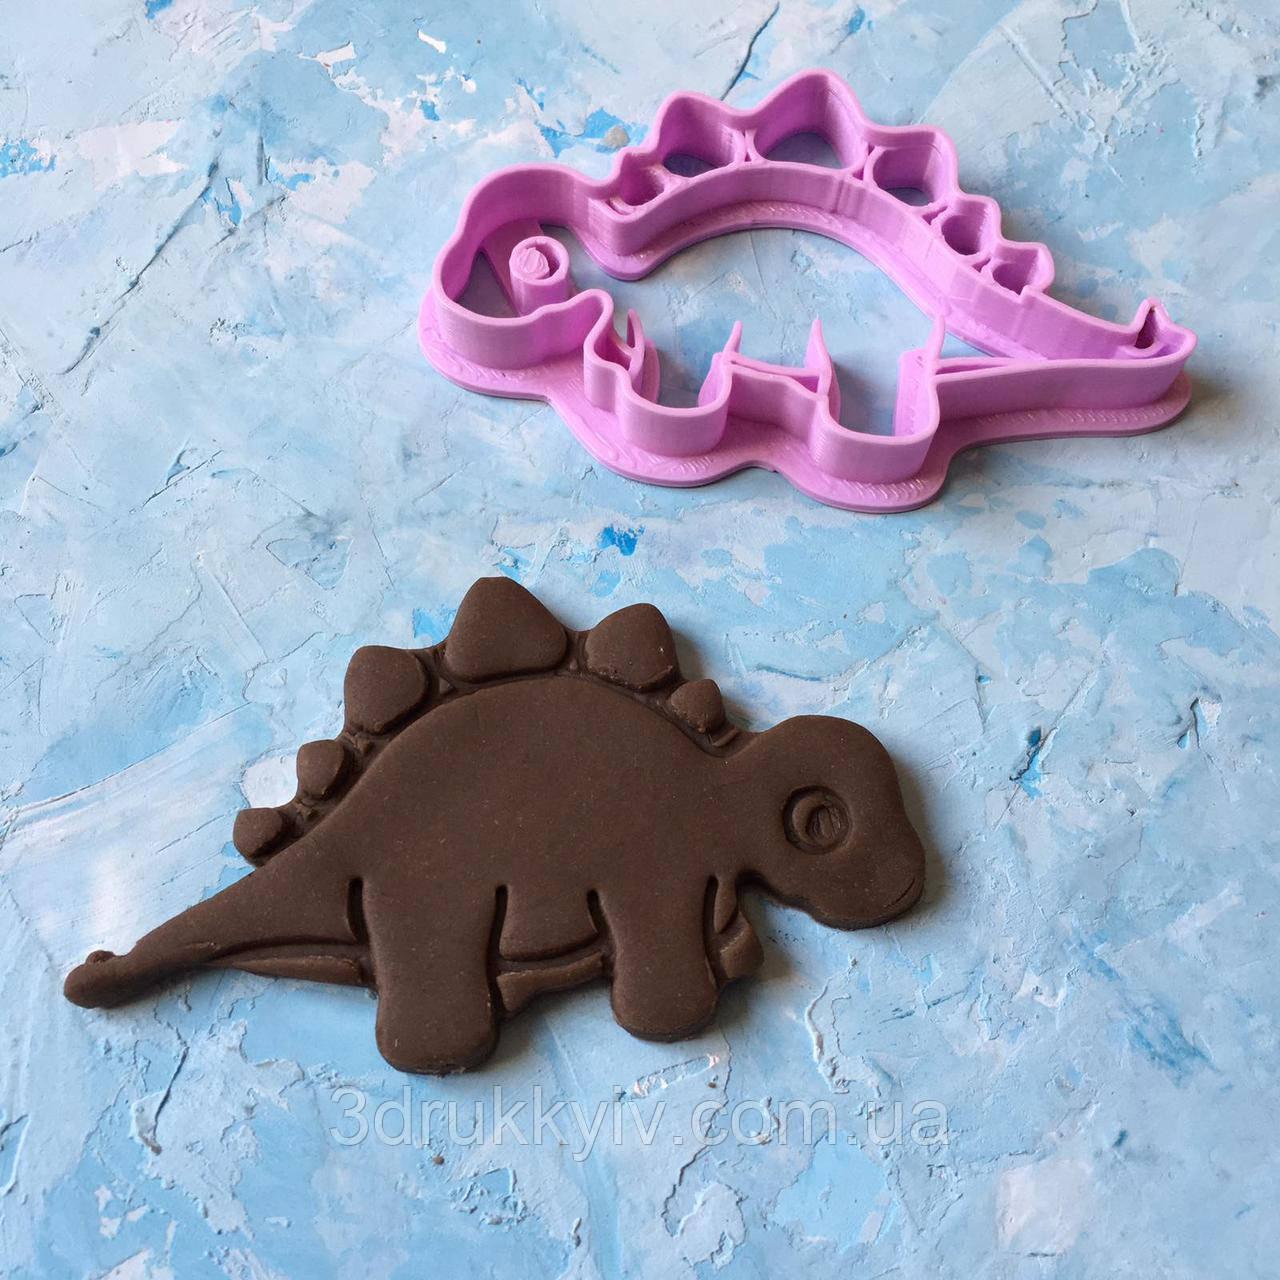 """Вирубка зі штампом """"Динозавр #5"""" / Вырубки - формочки для пряников со штампом"""